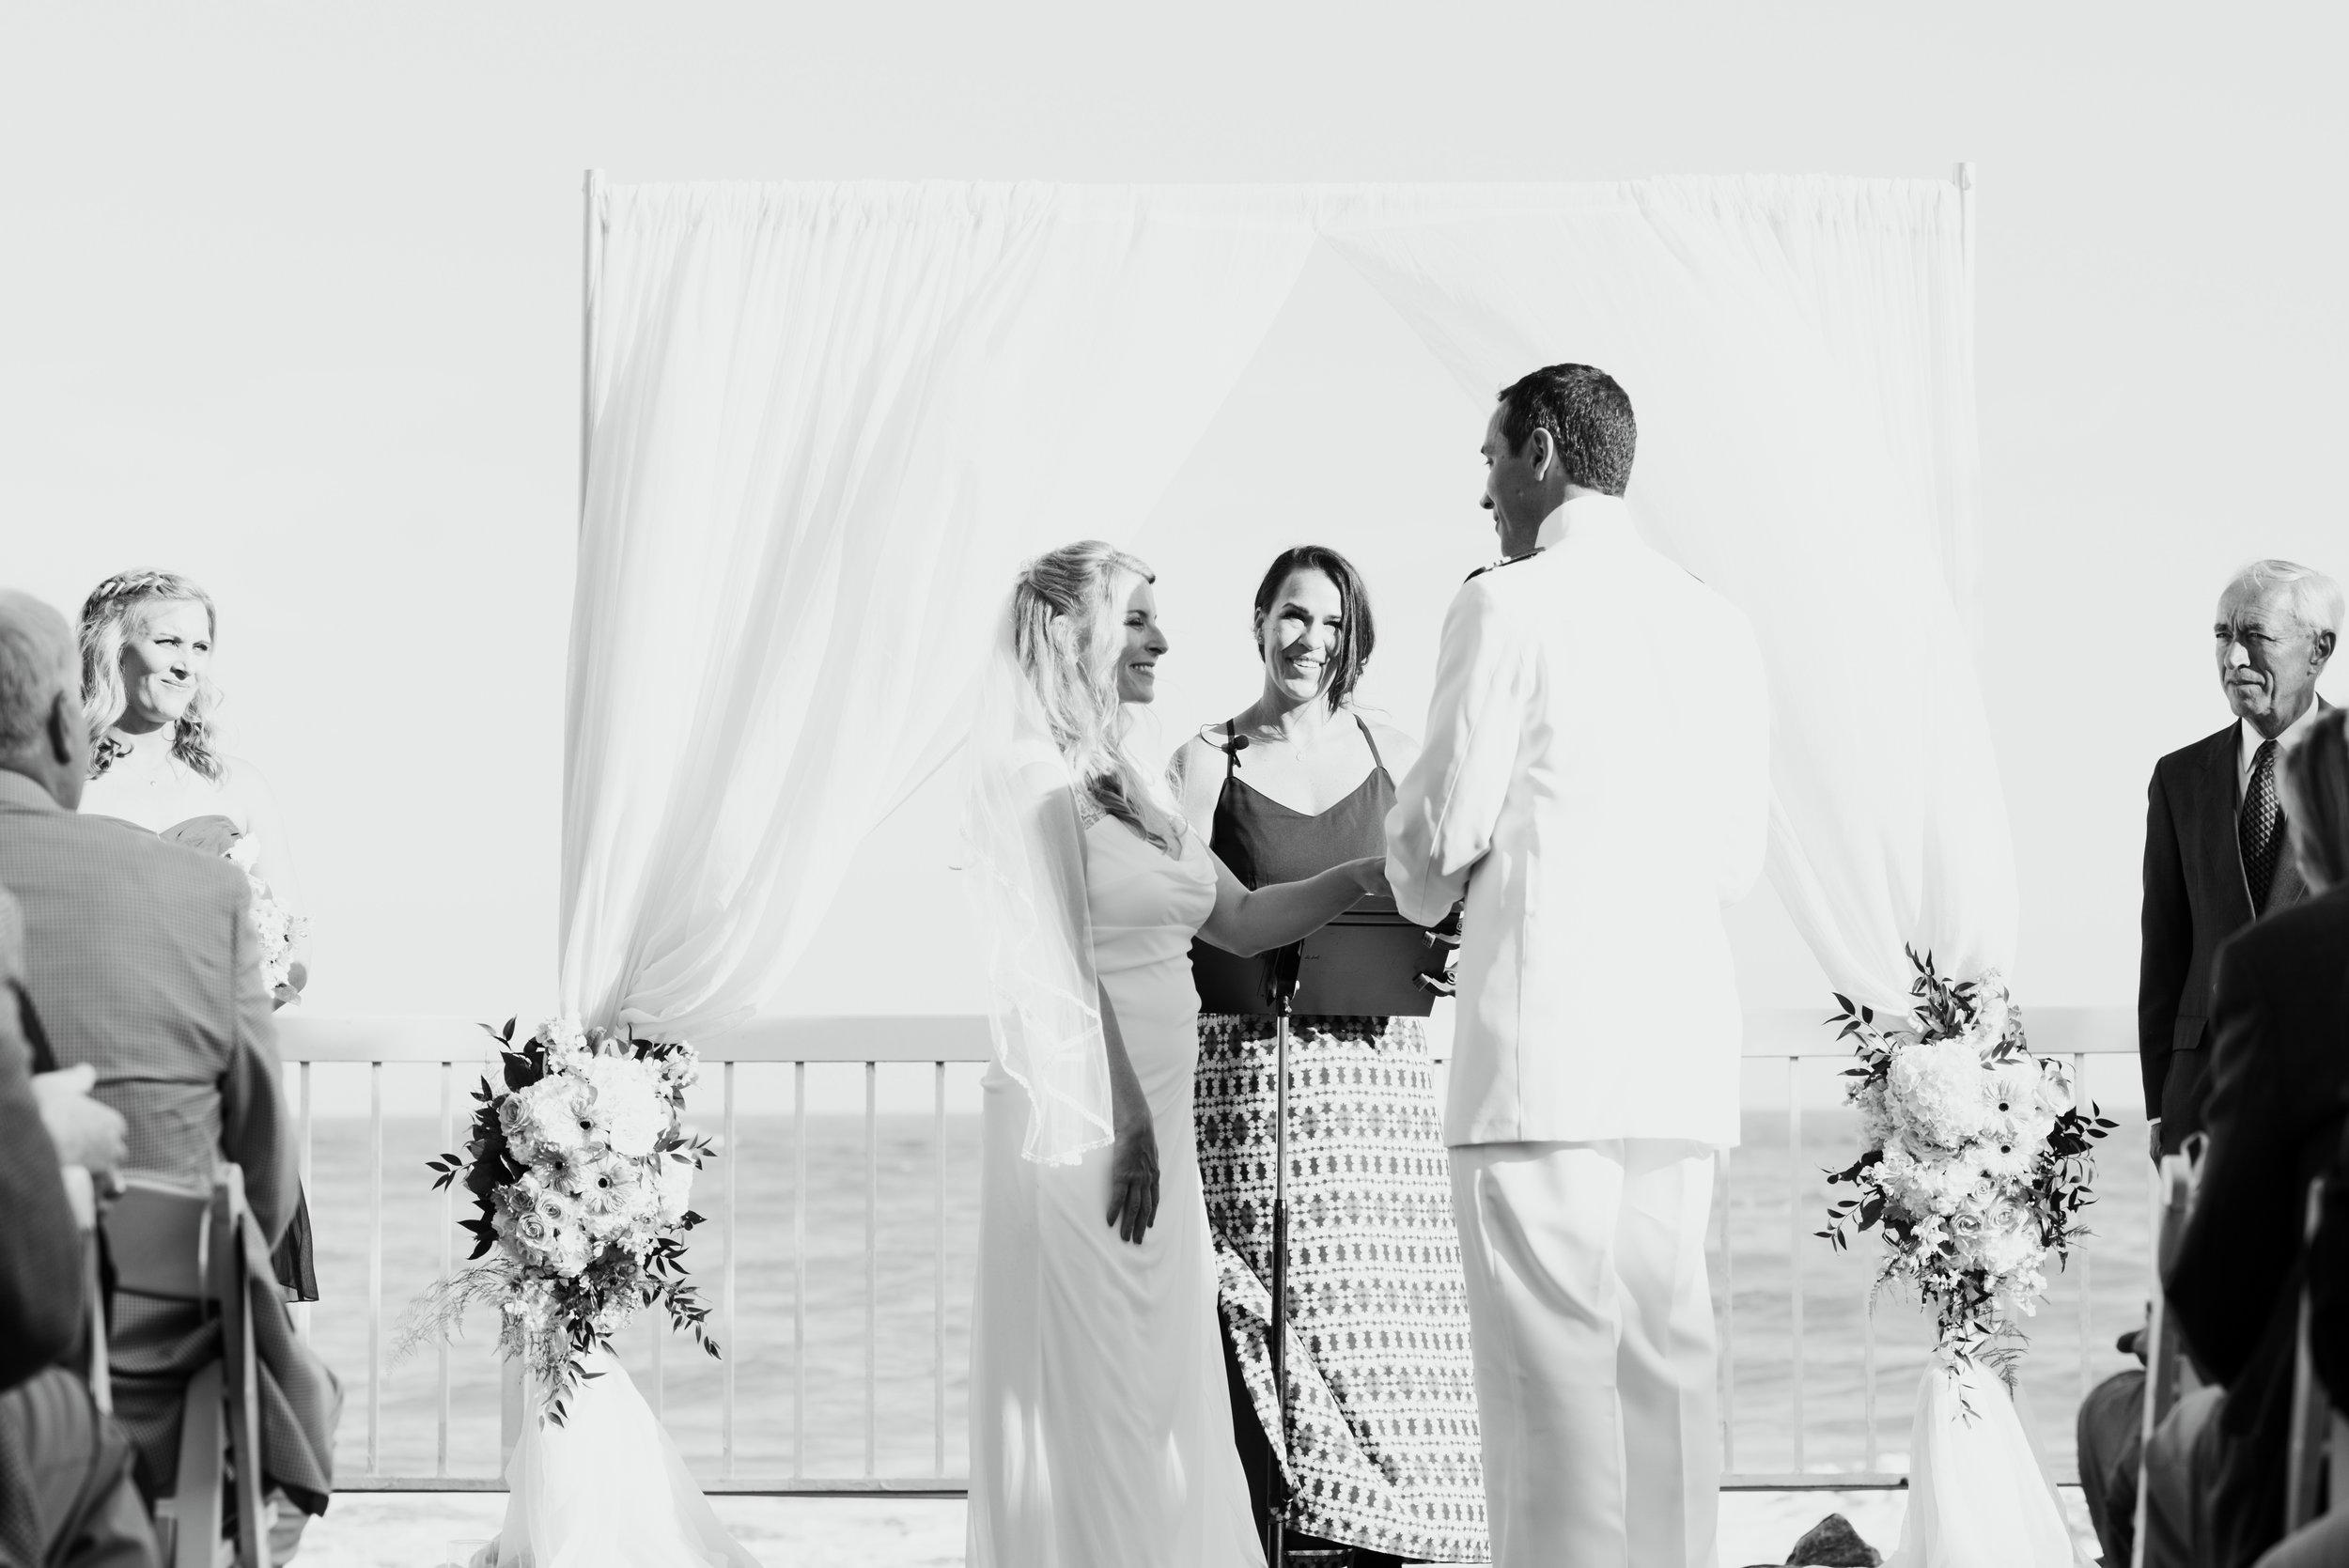 st-simons-island-elopement-photographer-savannah-elopement-photography-savannah-georgia-elopement-photographer-savannah-wedding-photographer-meg-hill-photo-jade-hill- (35 of 72).jpg